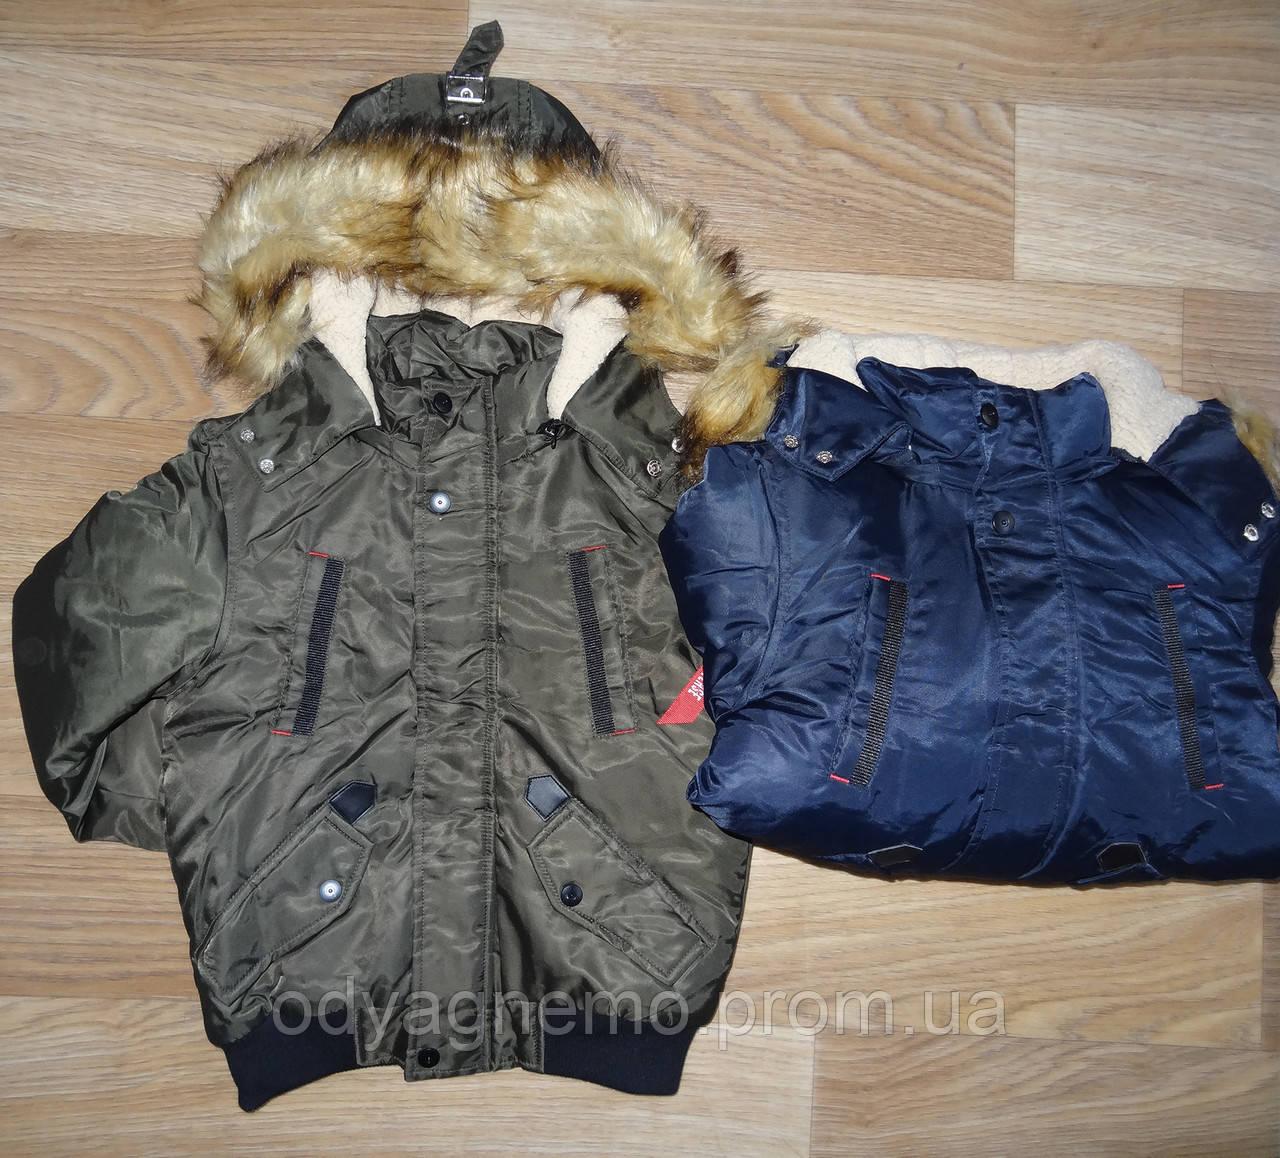 Курточка на меховой подкладке для мальчиков S&D оптом, 134-164 pp.